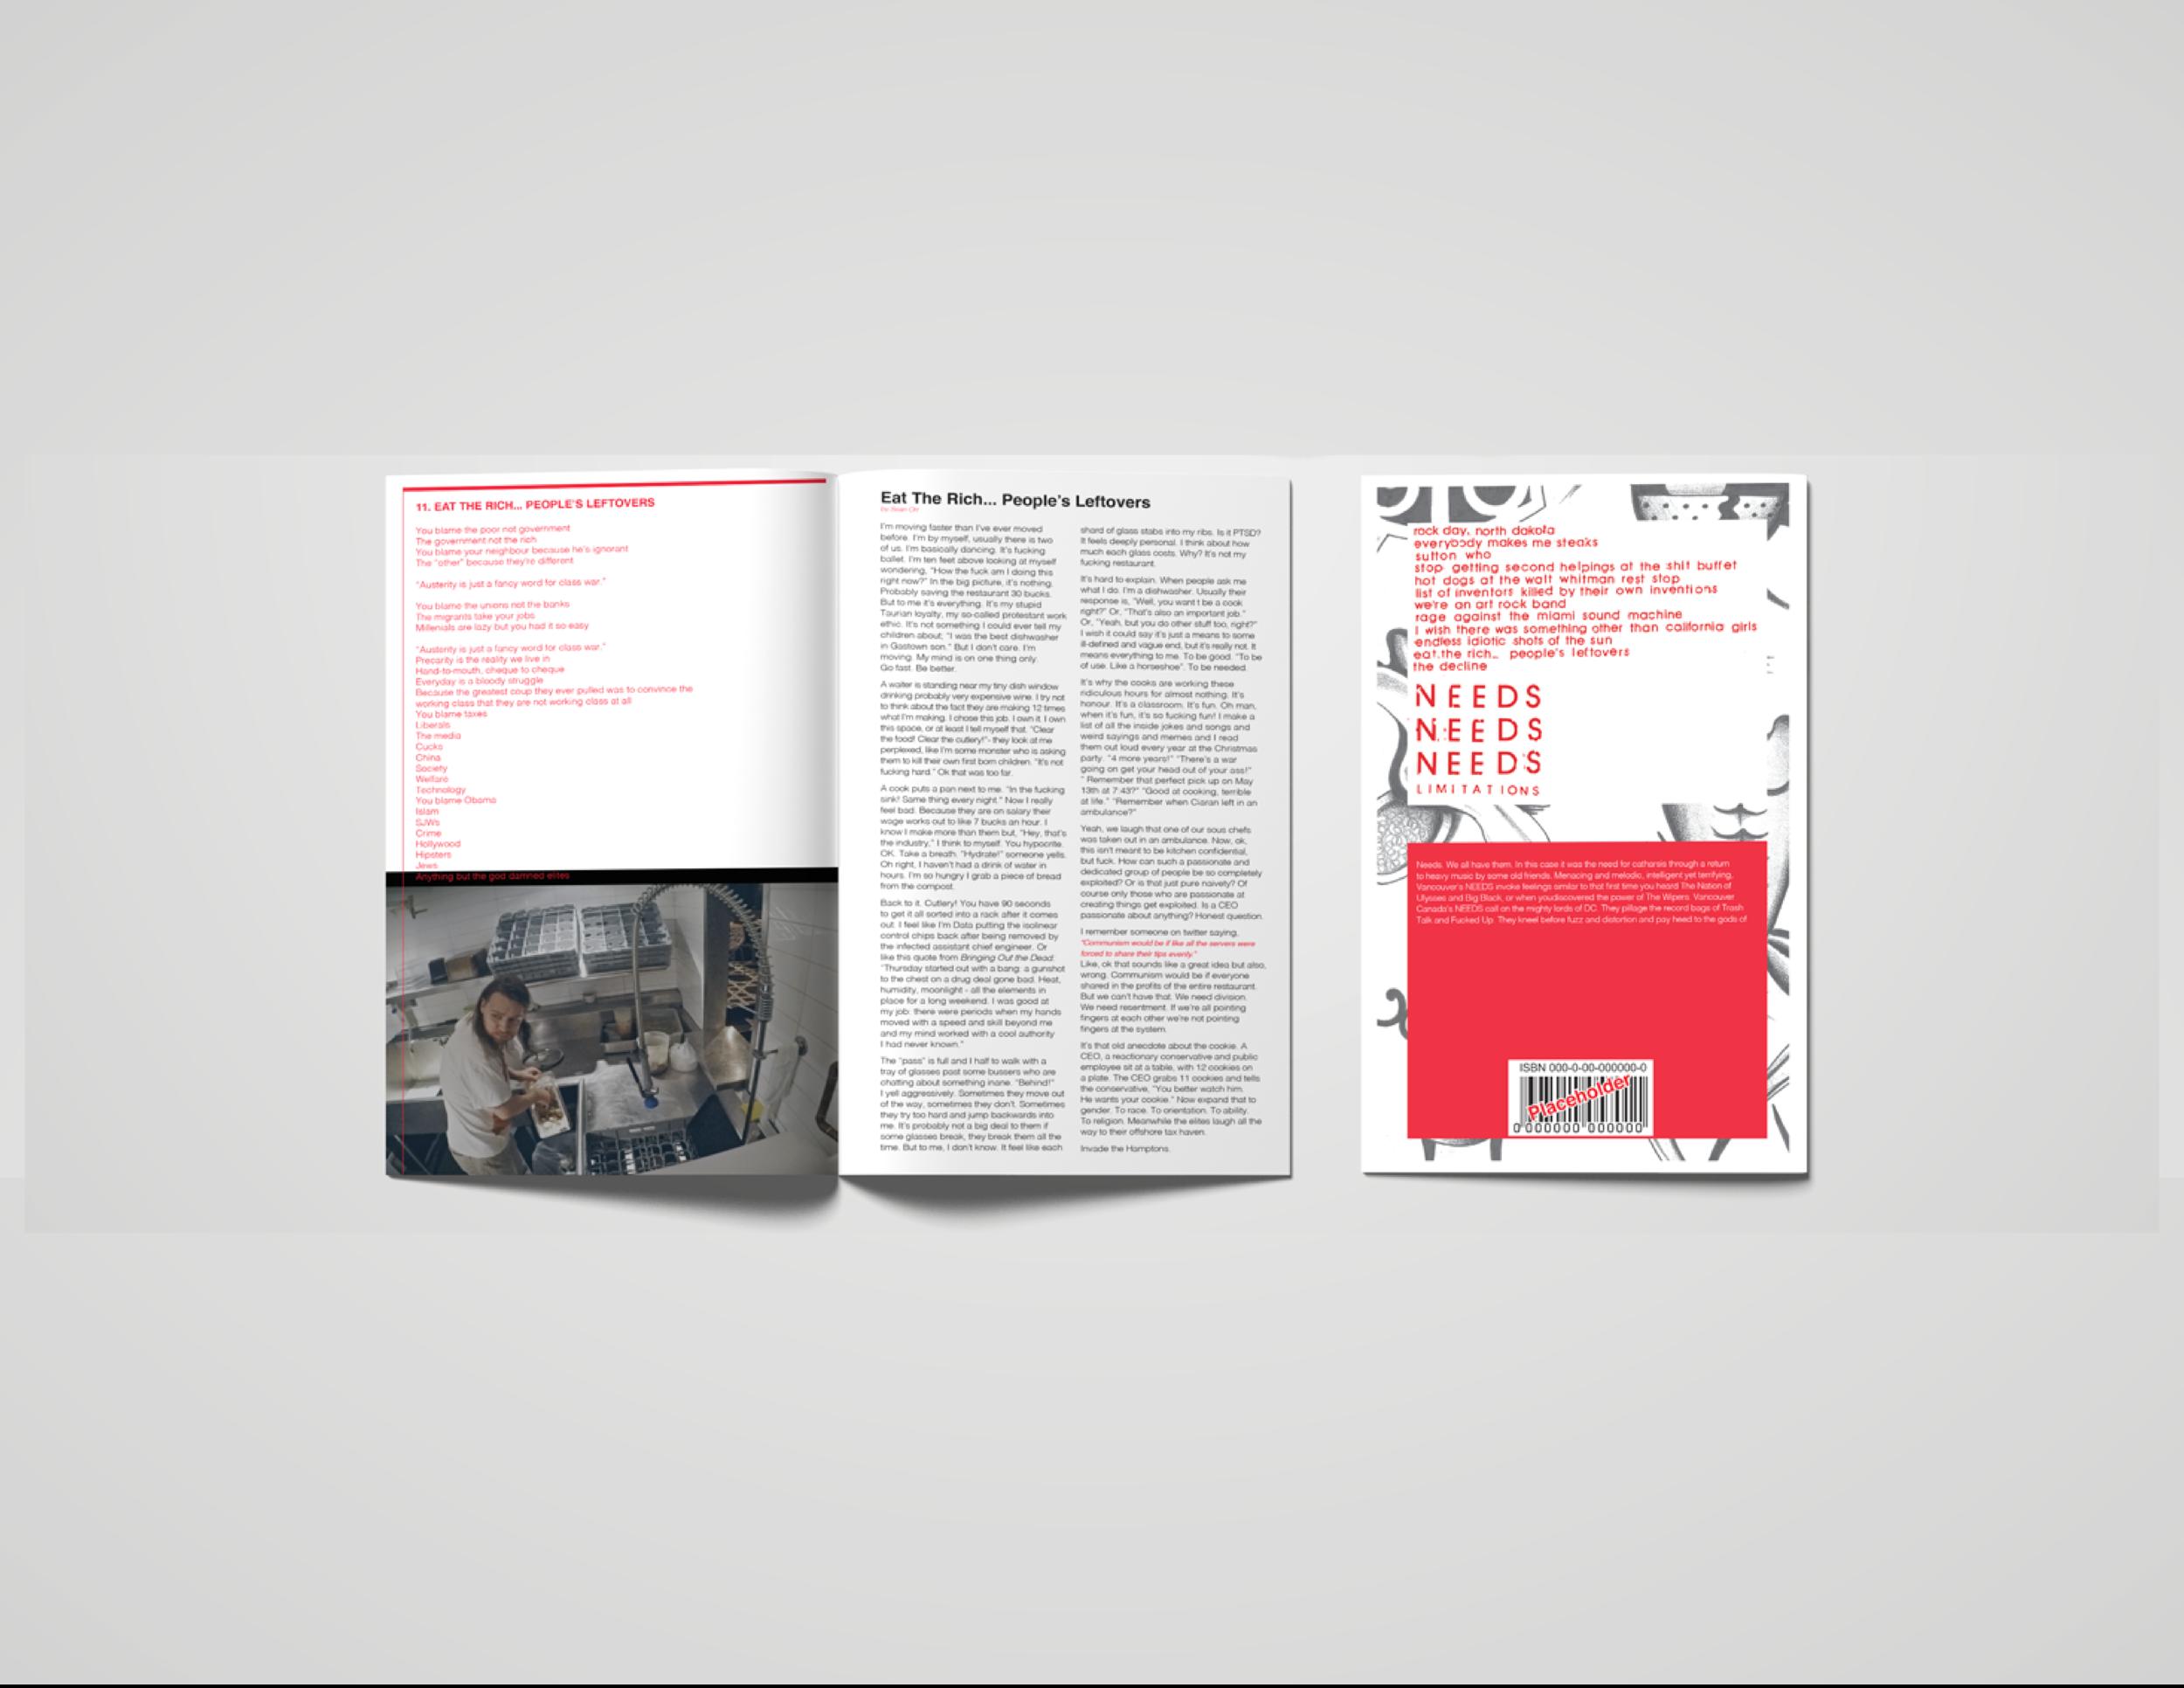 NEEDS_A4_Book_mockup_pres4.png